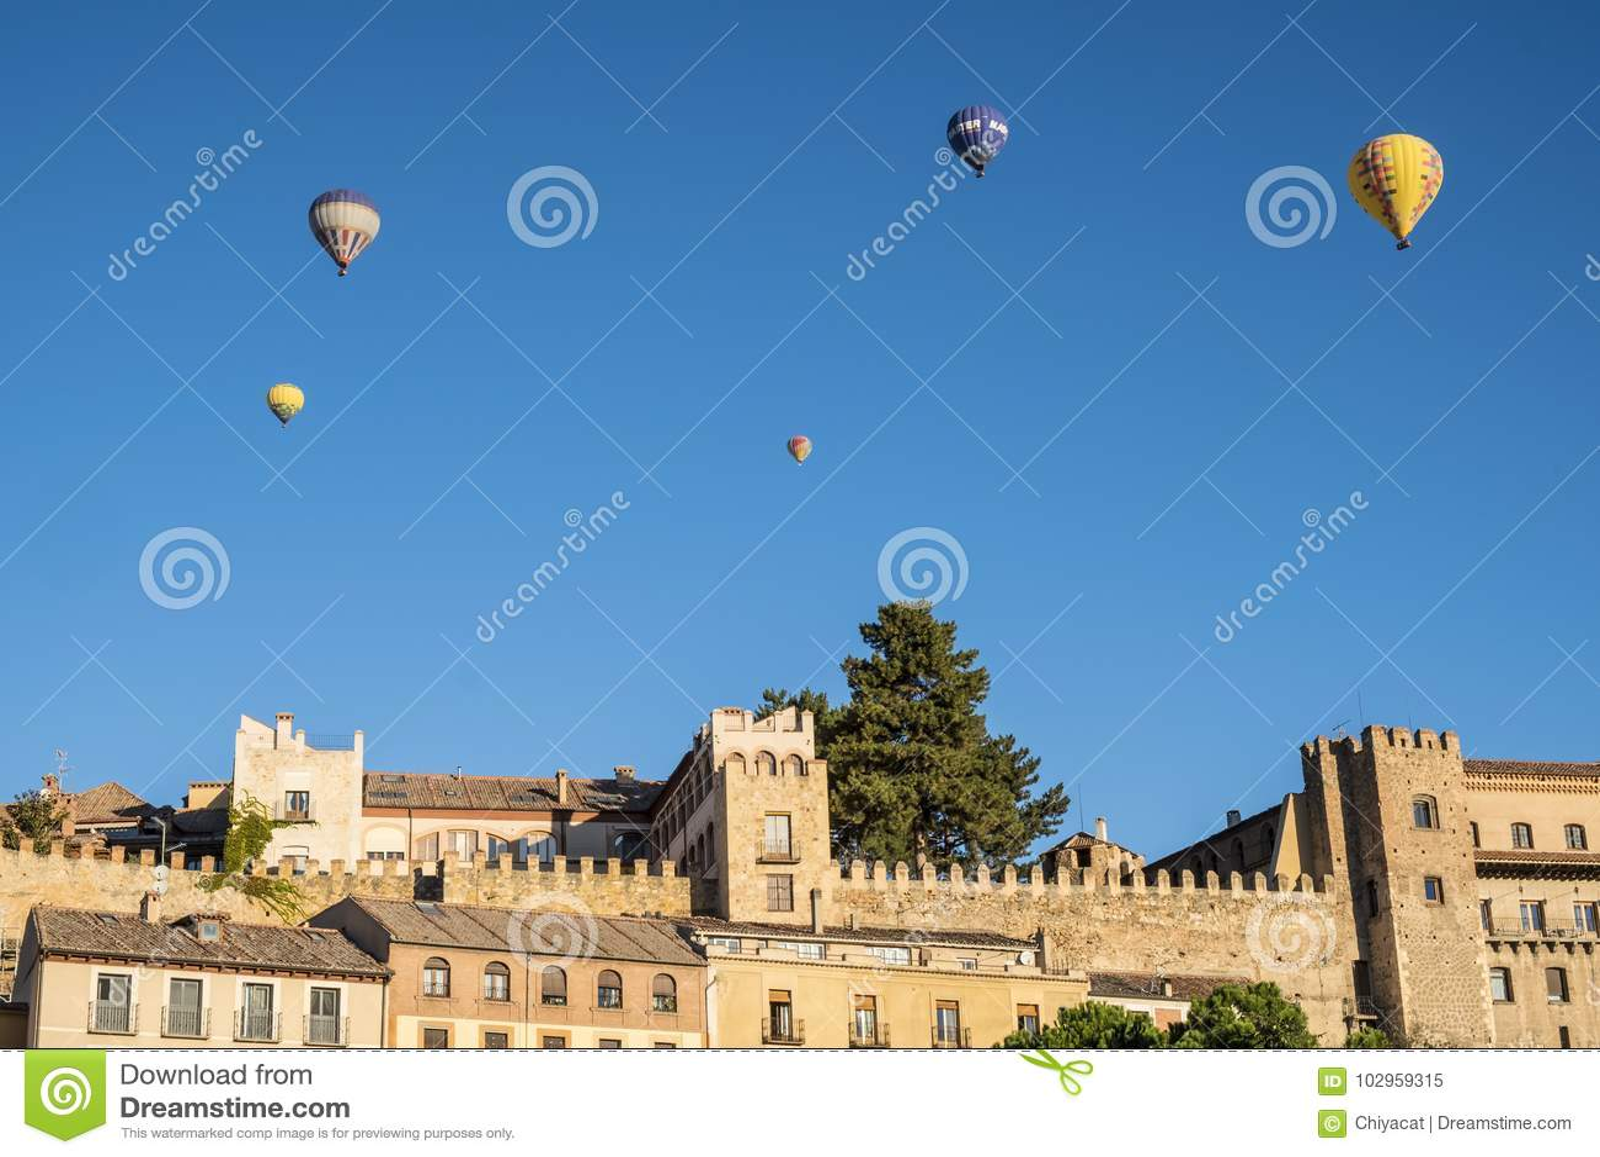 Hete Lucht Ballooning in Segovia Spanje 8